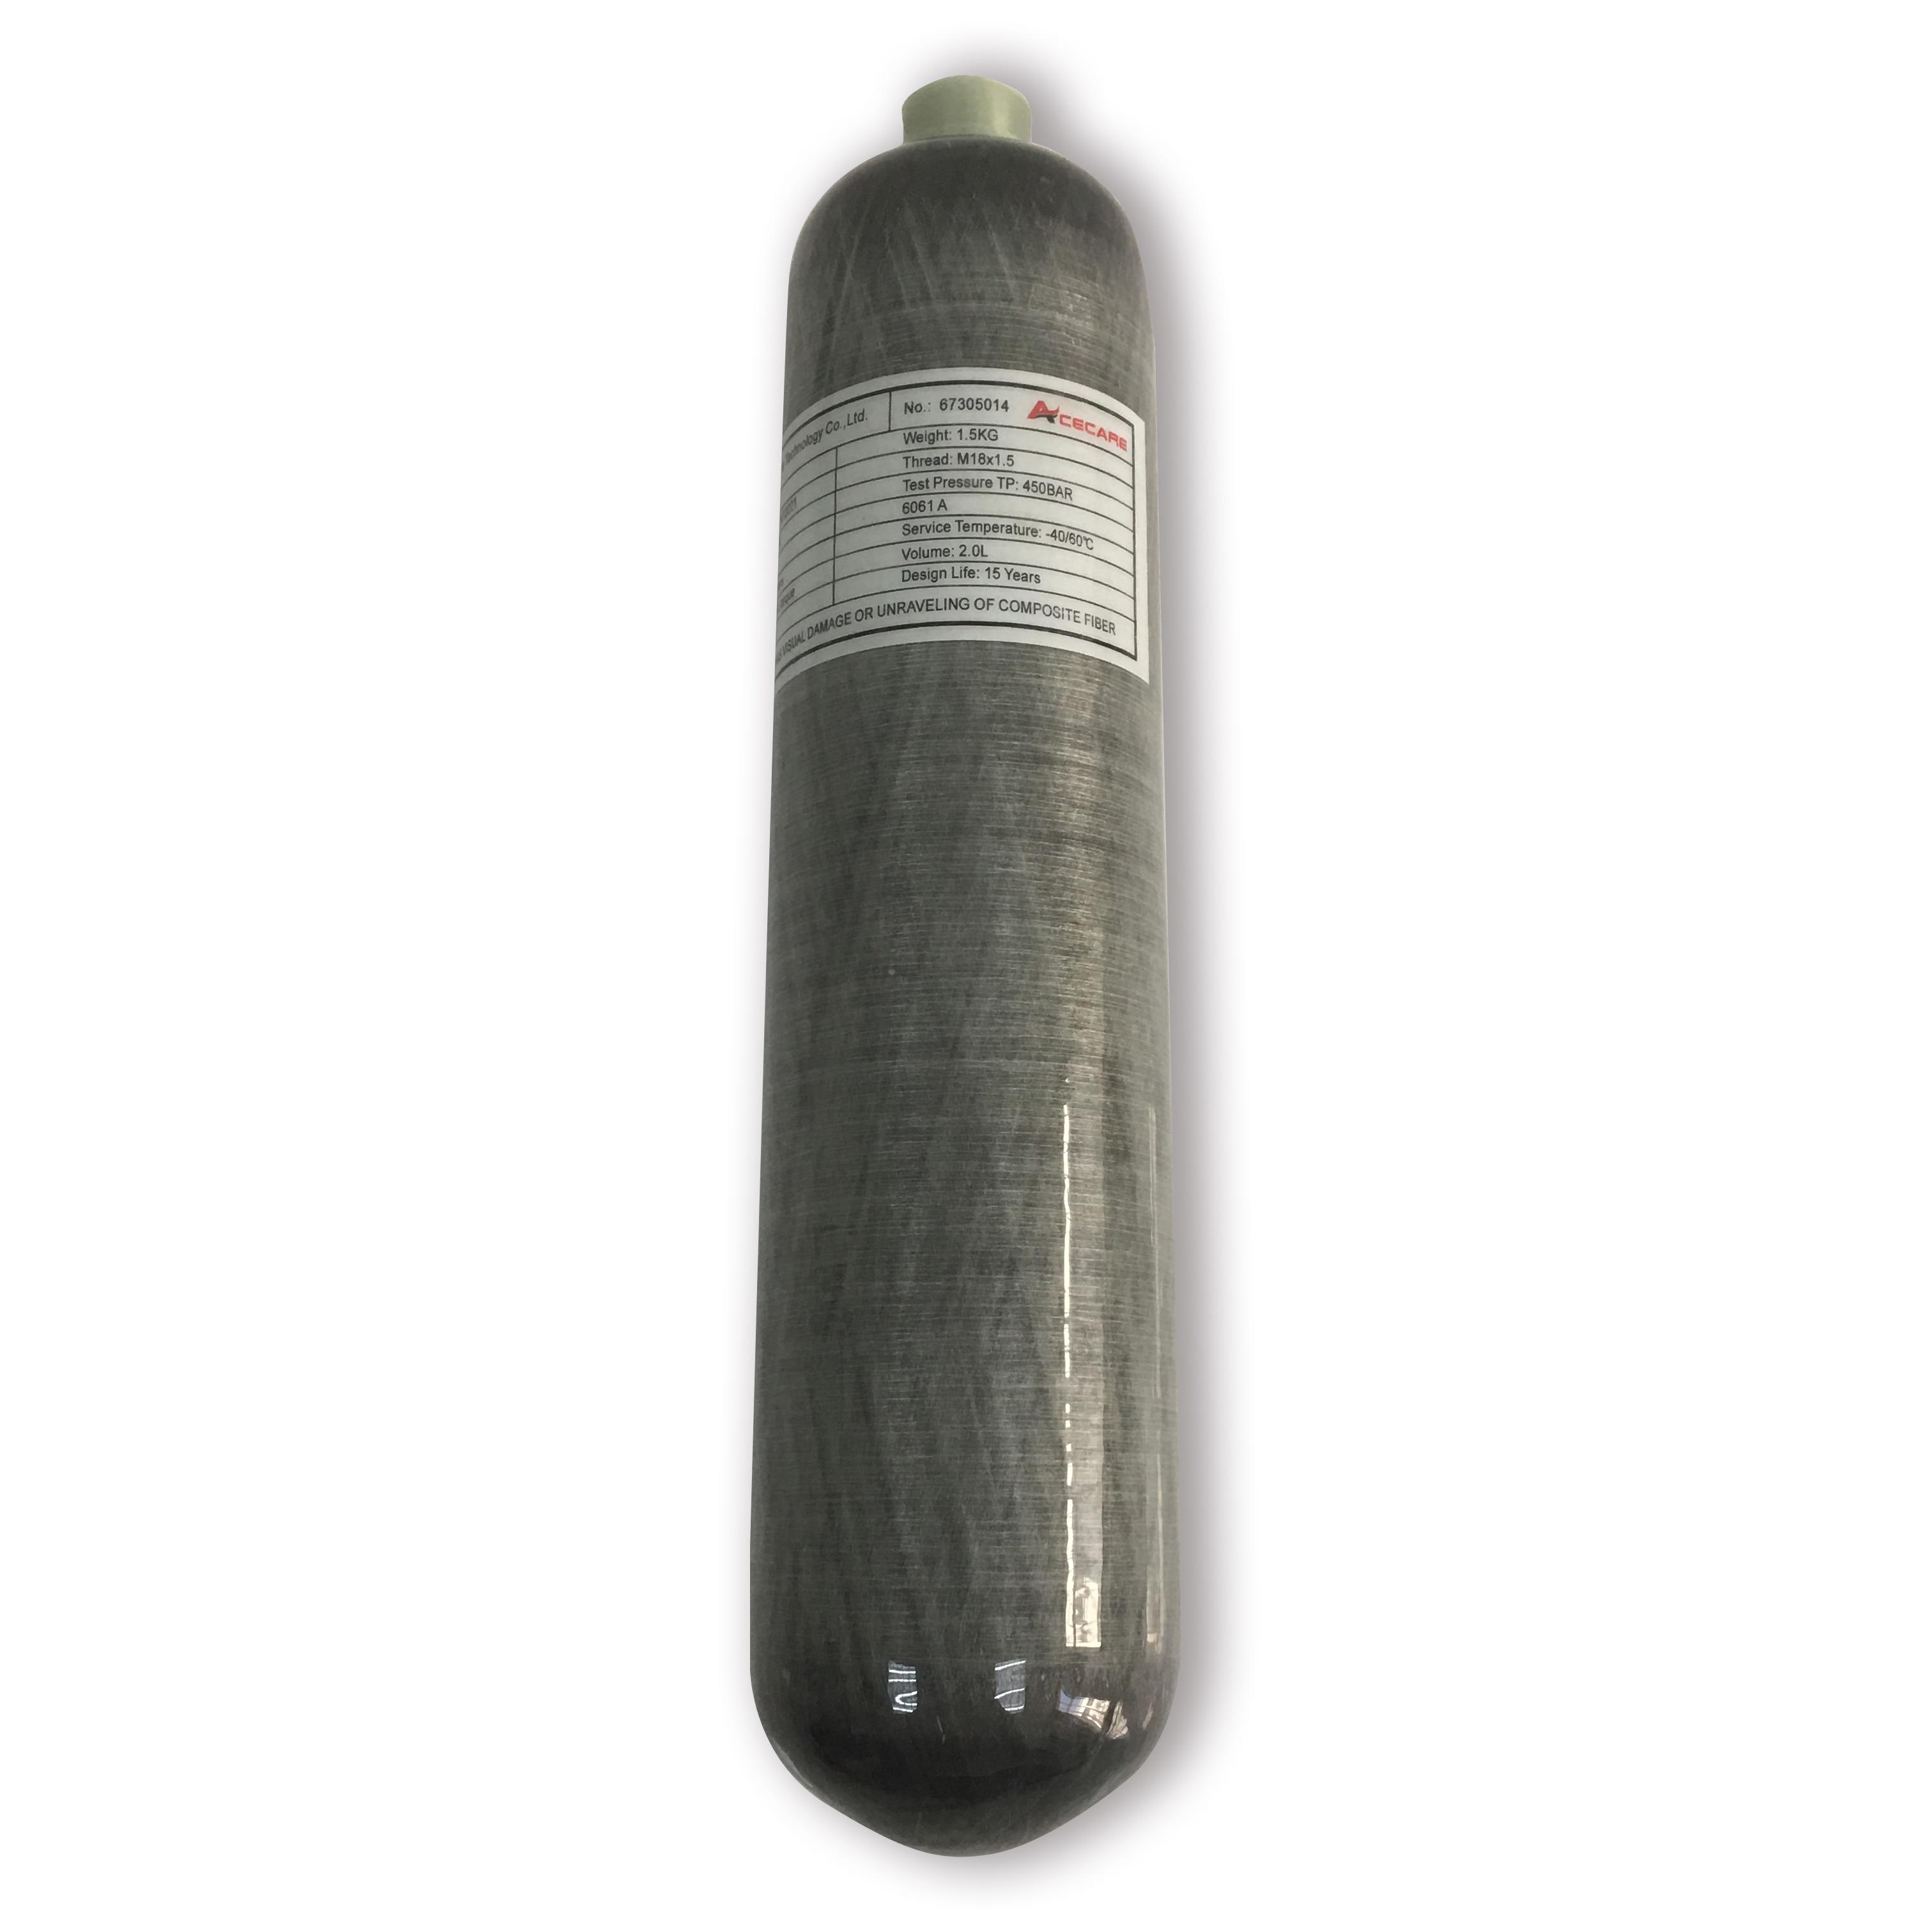 AC102 High Pressure Cylinder 2L 4500psi  Pcp Airgun Scuba Mini Tank Carbon Fiber Airforce Condor Paintball/diving Air Gun 2019